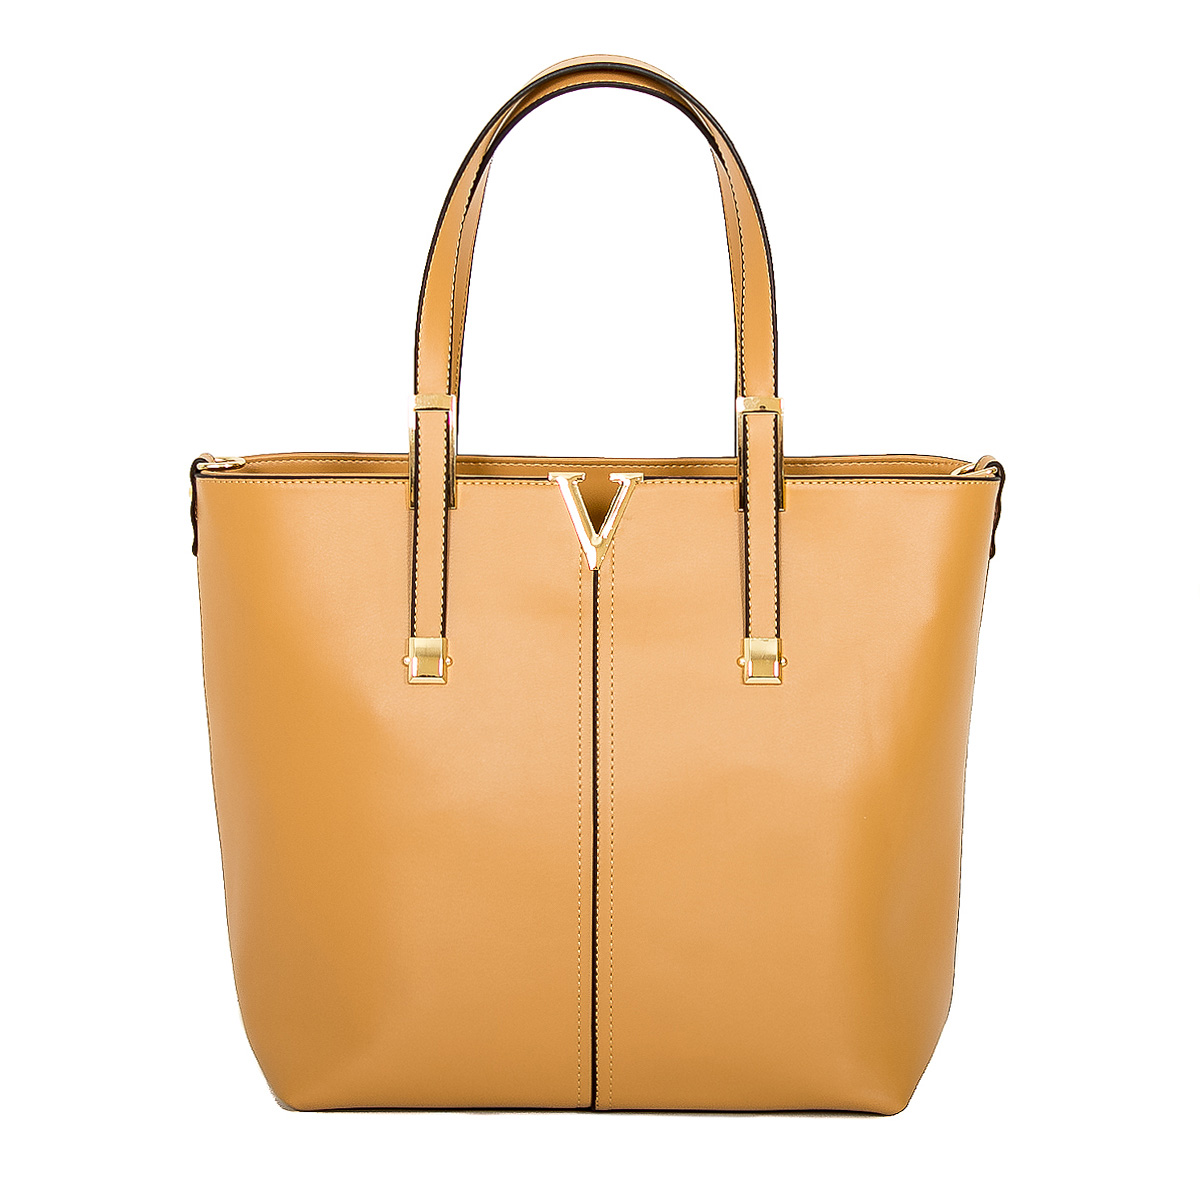 Сумка женская Farfalla Rosso, цвет: бежевый. 70008-306/3L39845800Изысканная женская сумка Farfalla Rosso выполнена из искусственной кожи. Сумка закрывается на застежку-молнию. Внутри - одно отделение, разделенное карманом-средником на застежке-молнии, также есть втачной карман на застежке-молнии, два накладных кармашка для мелочей и телефона. Задняя сторона дополнена плоским врезным карманом на застежке-молнии. Две ручки сумки крепятся на металлическую фурнитуру. Дно сумки защищено металлическими ножками, обеспечивающими дополнительную устойчивость. В комплекте плечевой отстегивающийся ремень и чехол для хранения. Блестящий дизайн сумки, сочетающий классические формы с оригинальным оформлением, позволит вам подчеркнуть свою индивидуальность и сделает ваш образ изысканным и завершенным.